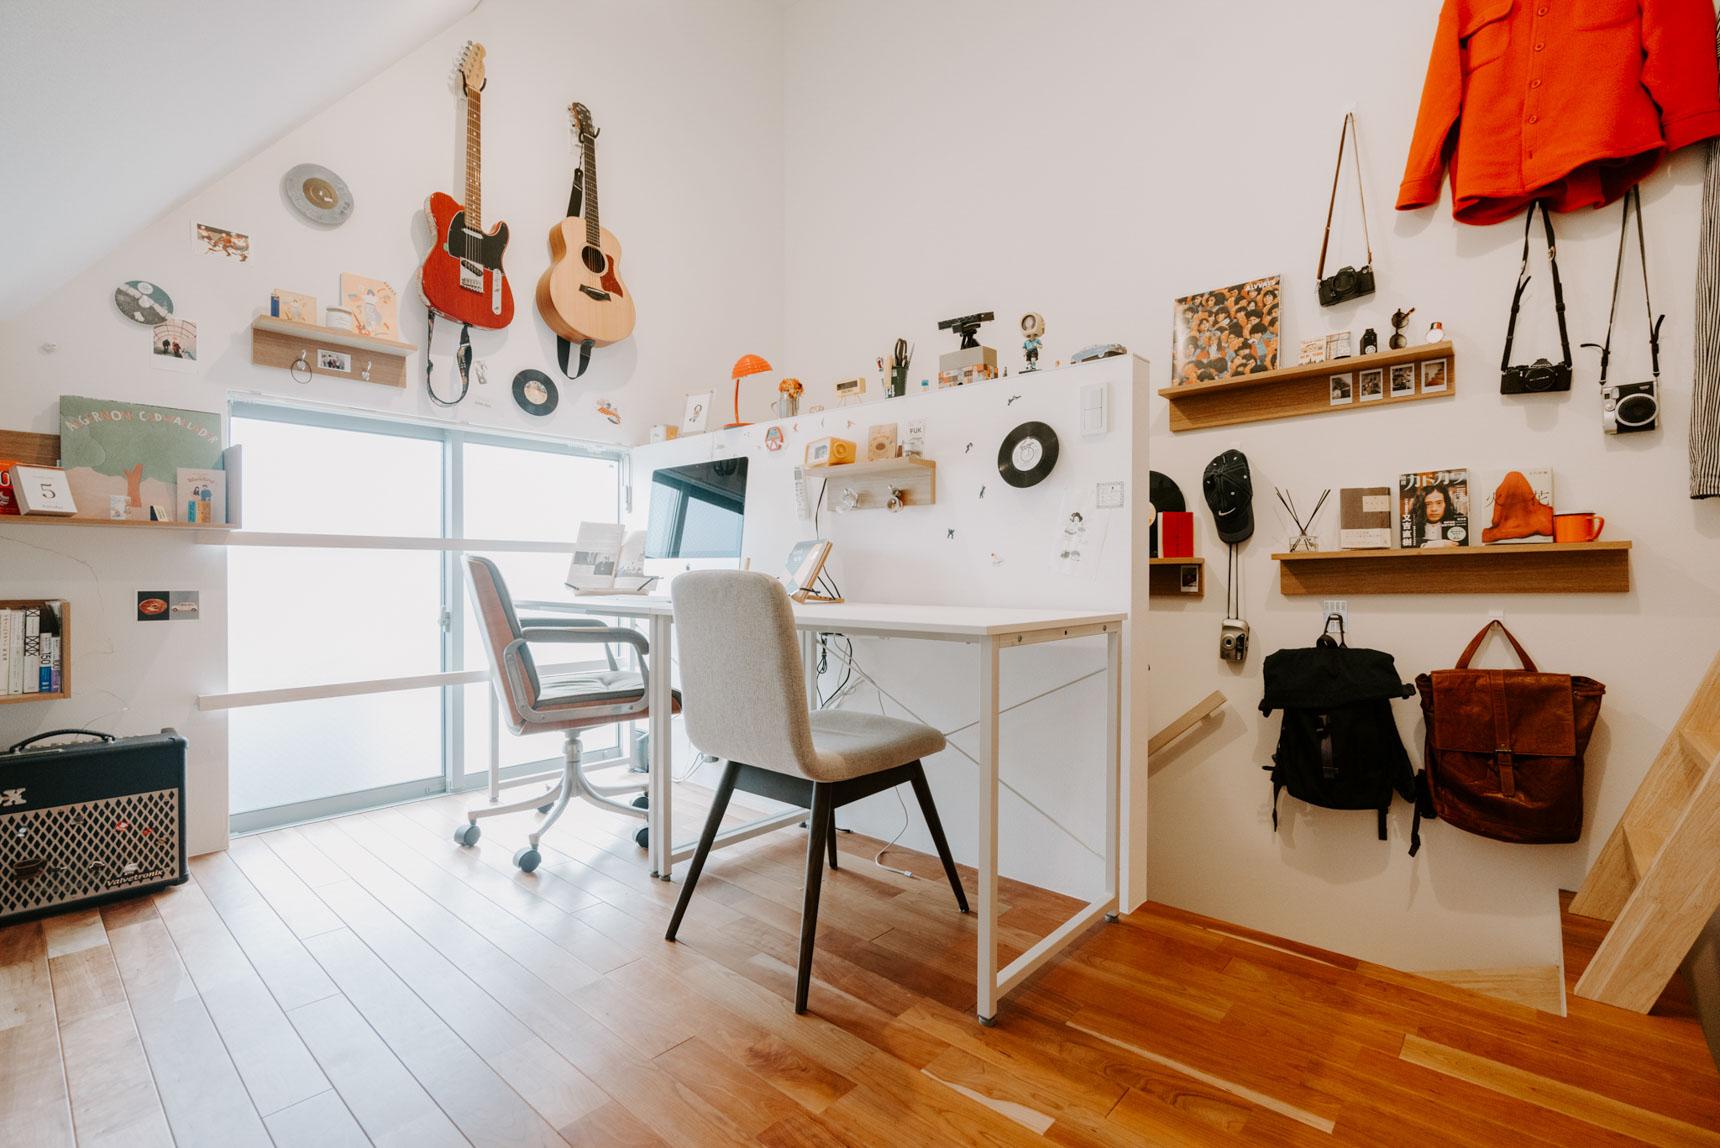 こちらが、仕事場として使っているスペース。机をフレキシブルに動かして、打ち合わせの場所としても使います。